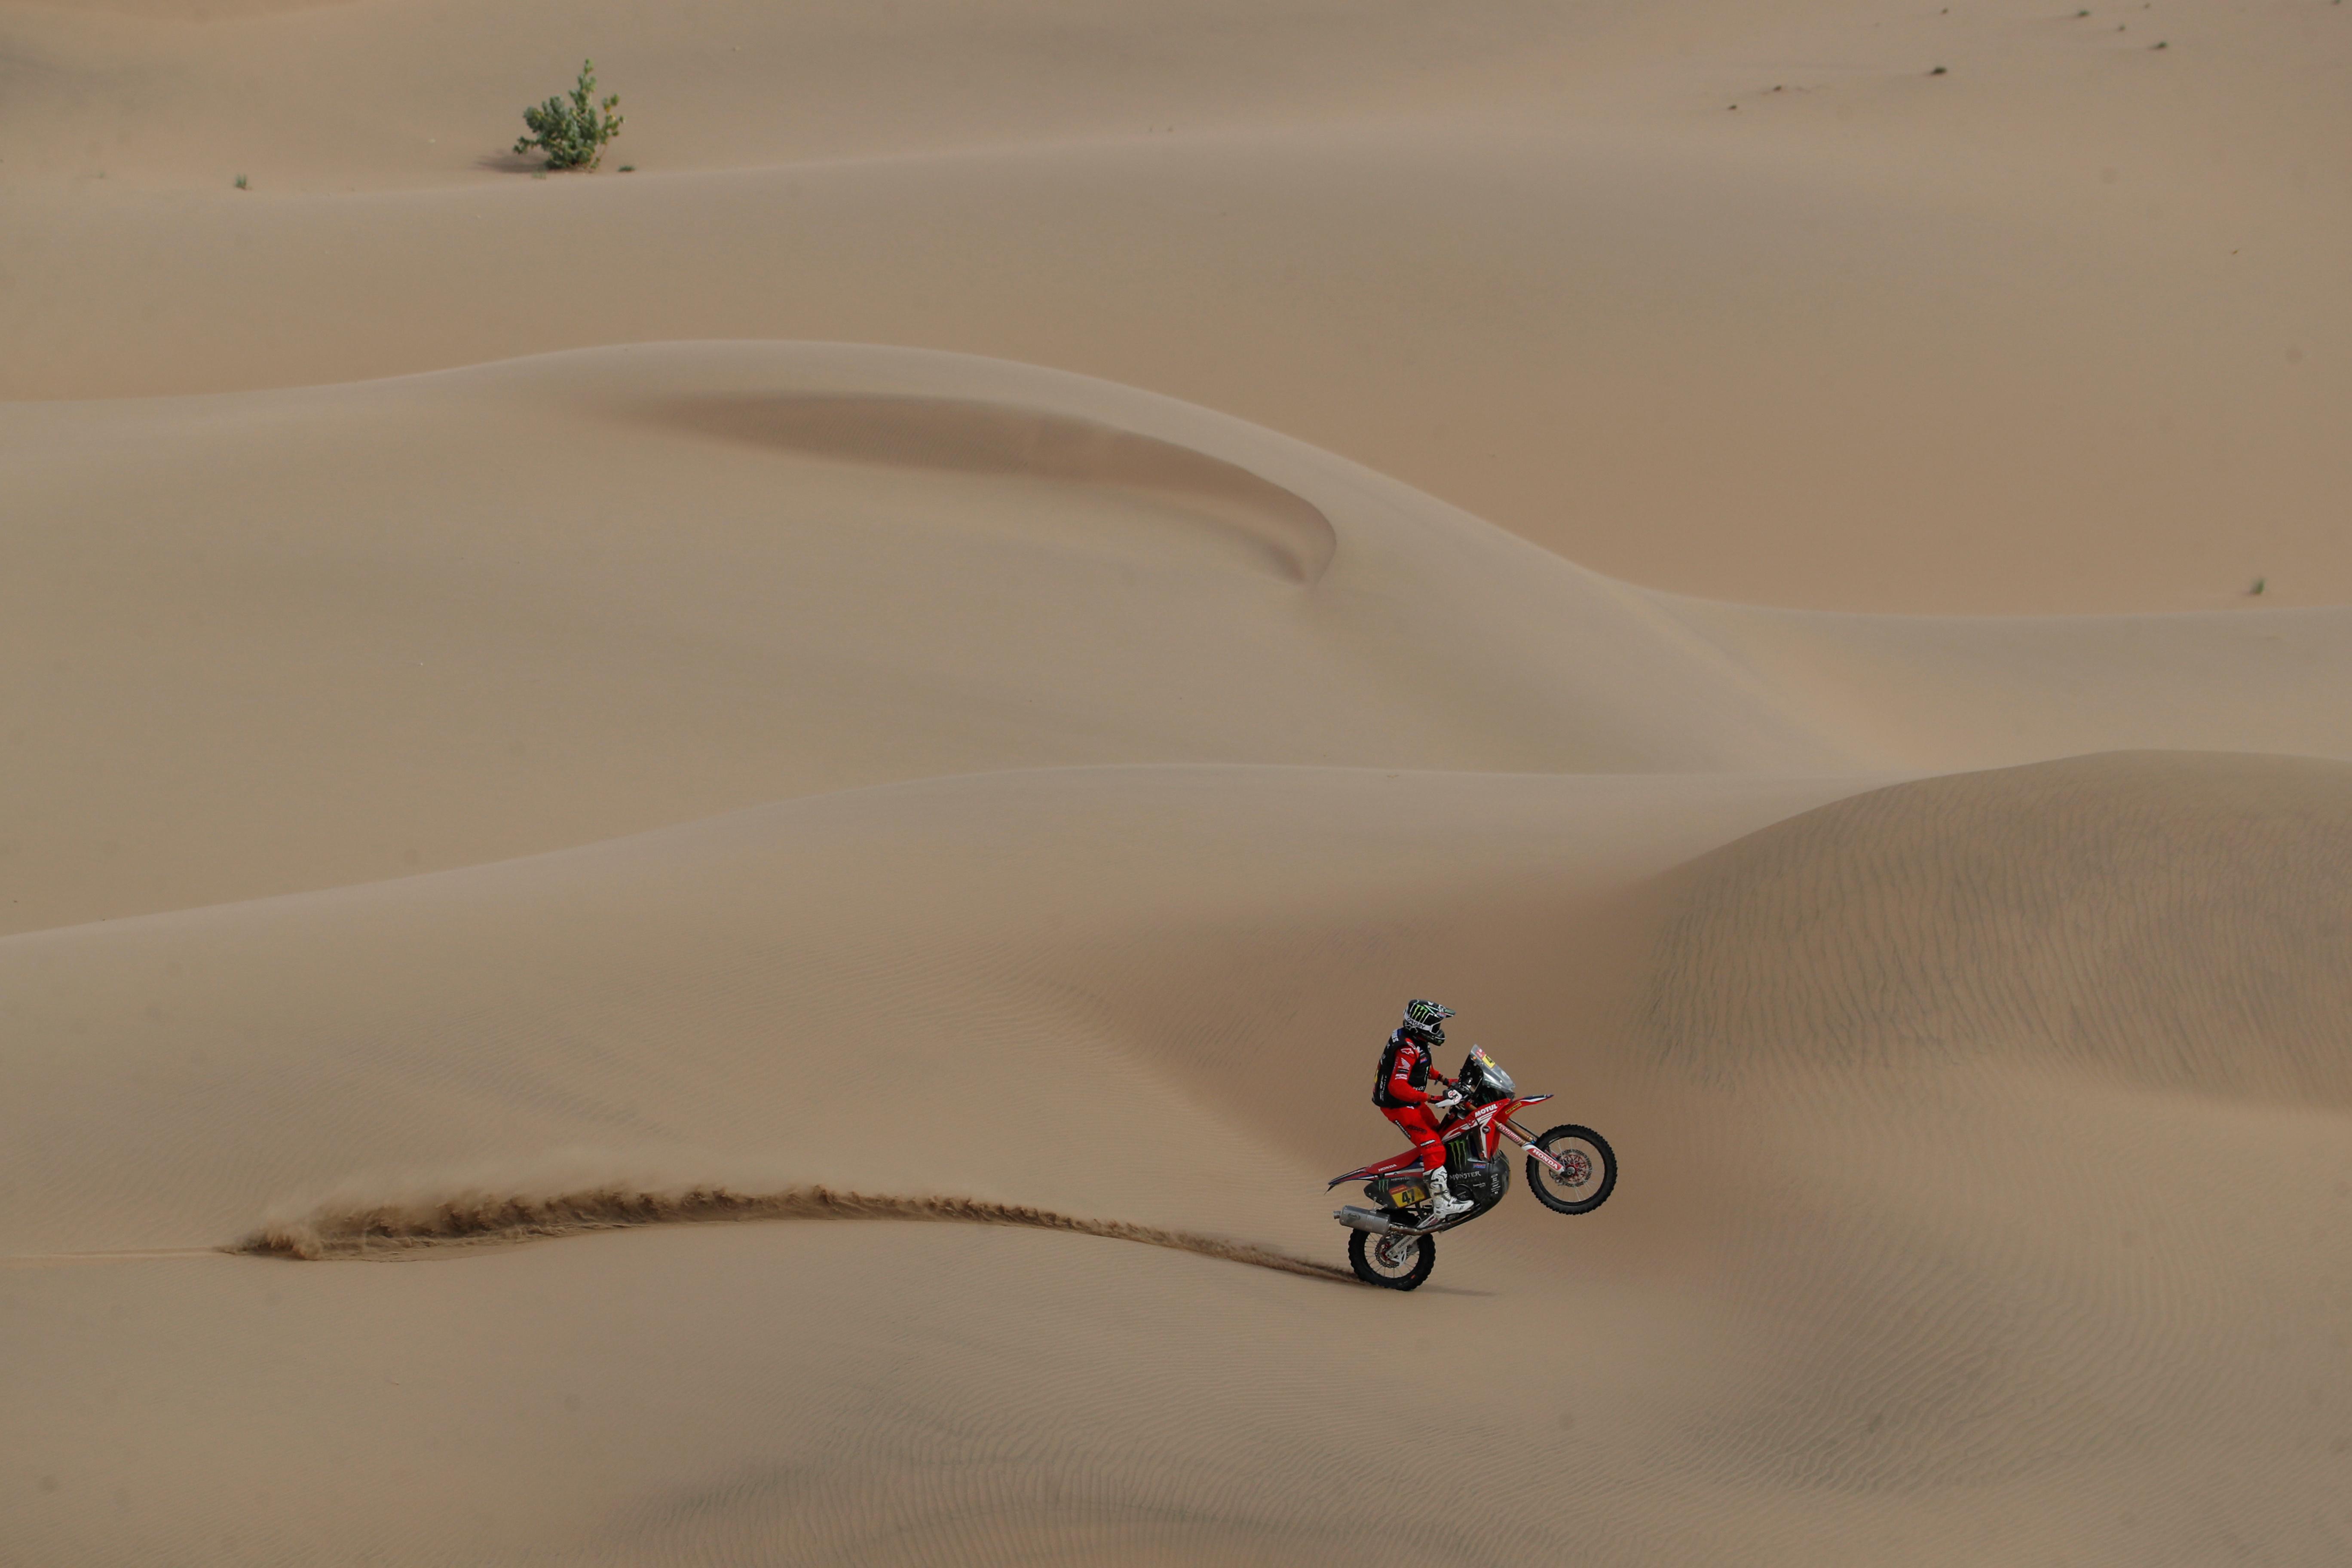 El argentino Kevin Benavides se adjudicó este viernes el Rally Dakar 2021 en la categoría motos, tras la finalización de la 12ª etapa